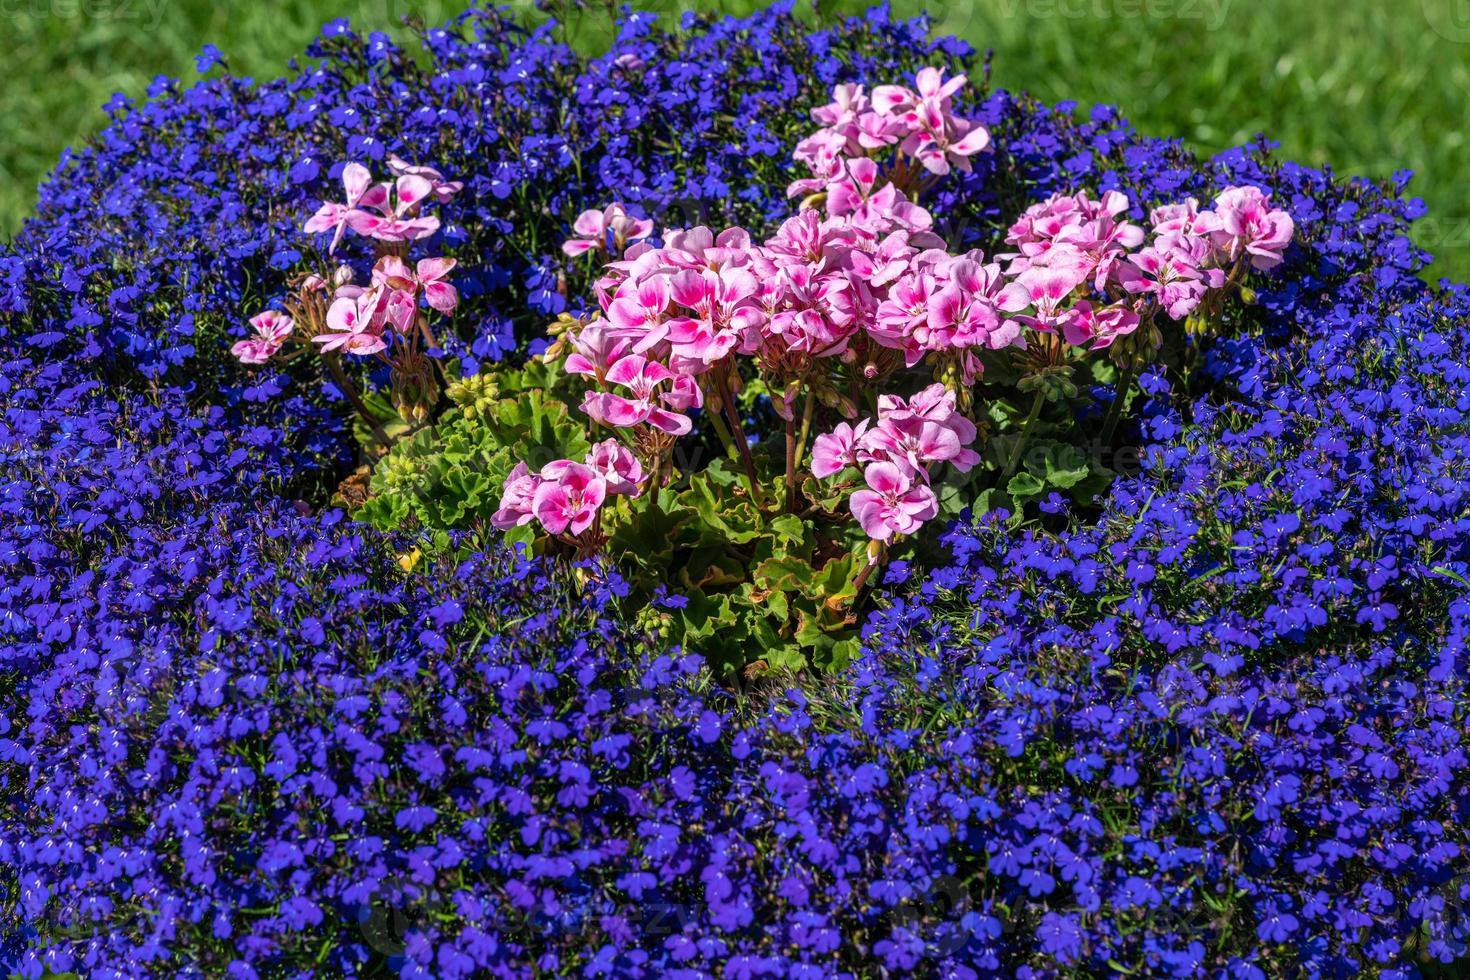 Cama de flores de colores con flores rosas y azules foto